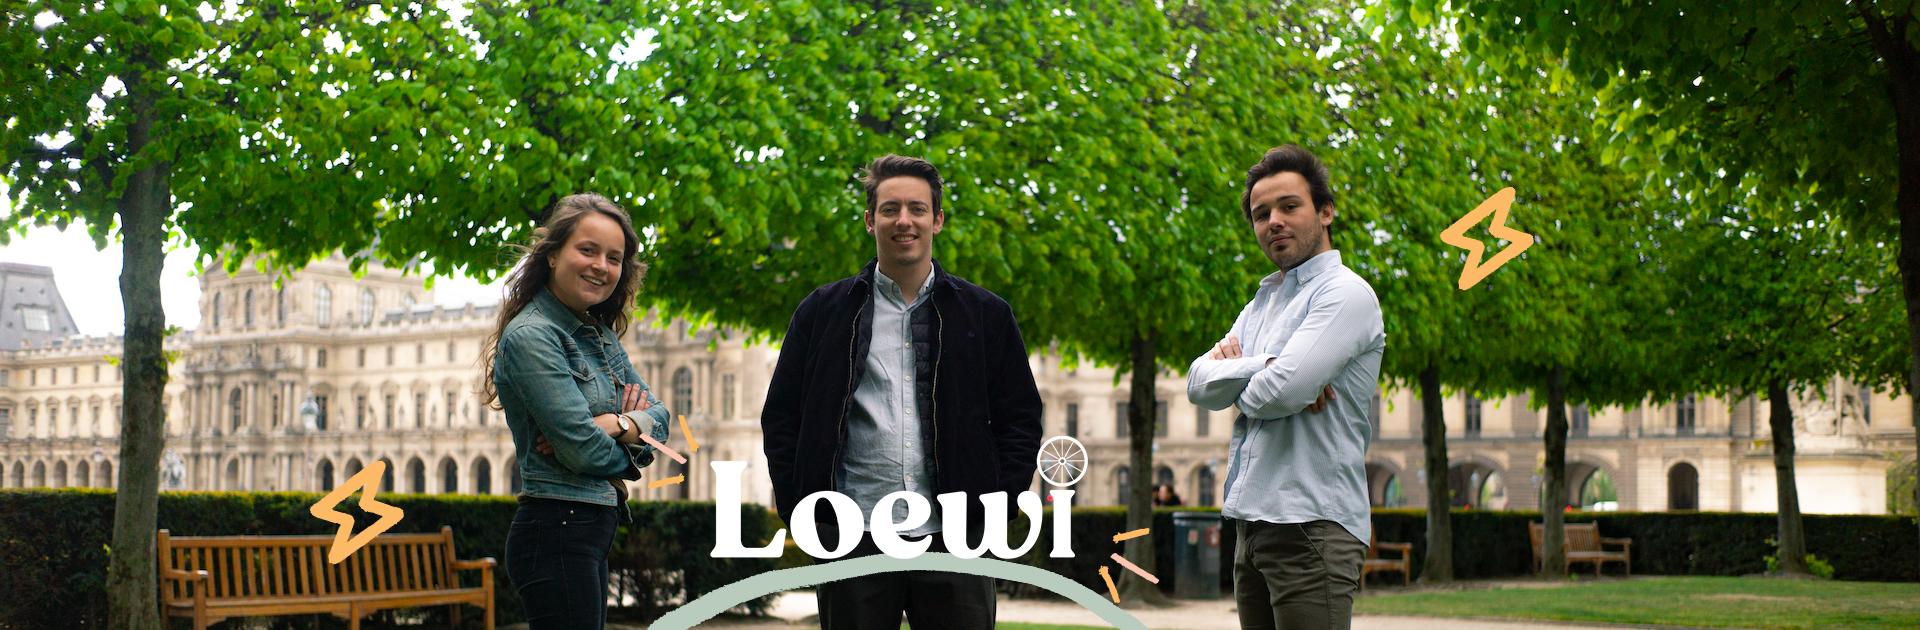 Loewi équipe vision vélo électrique